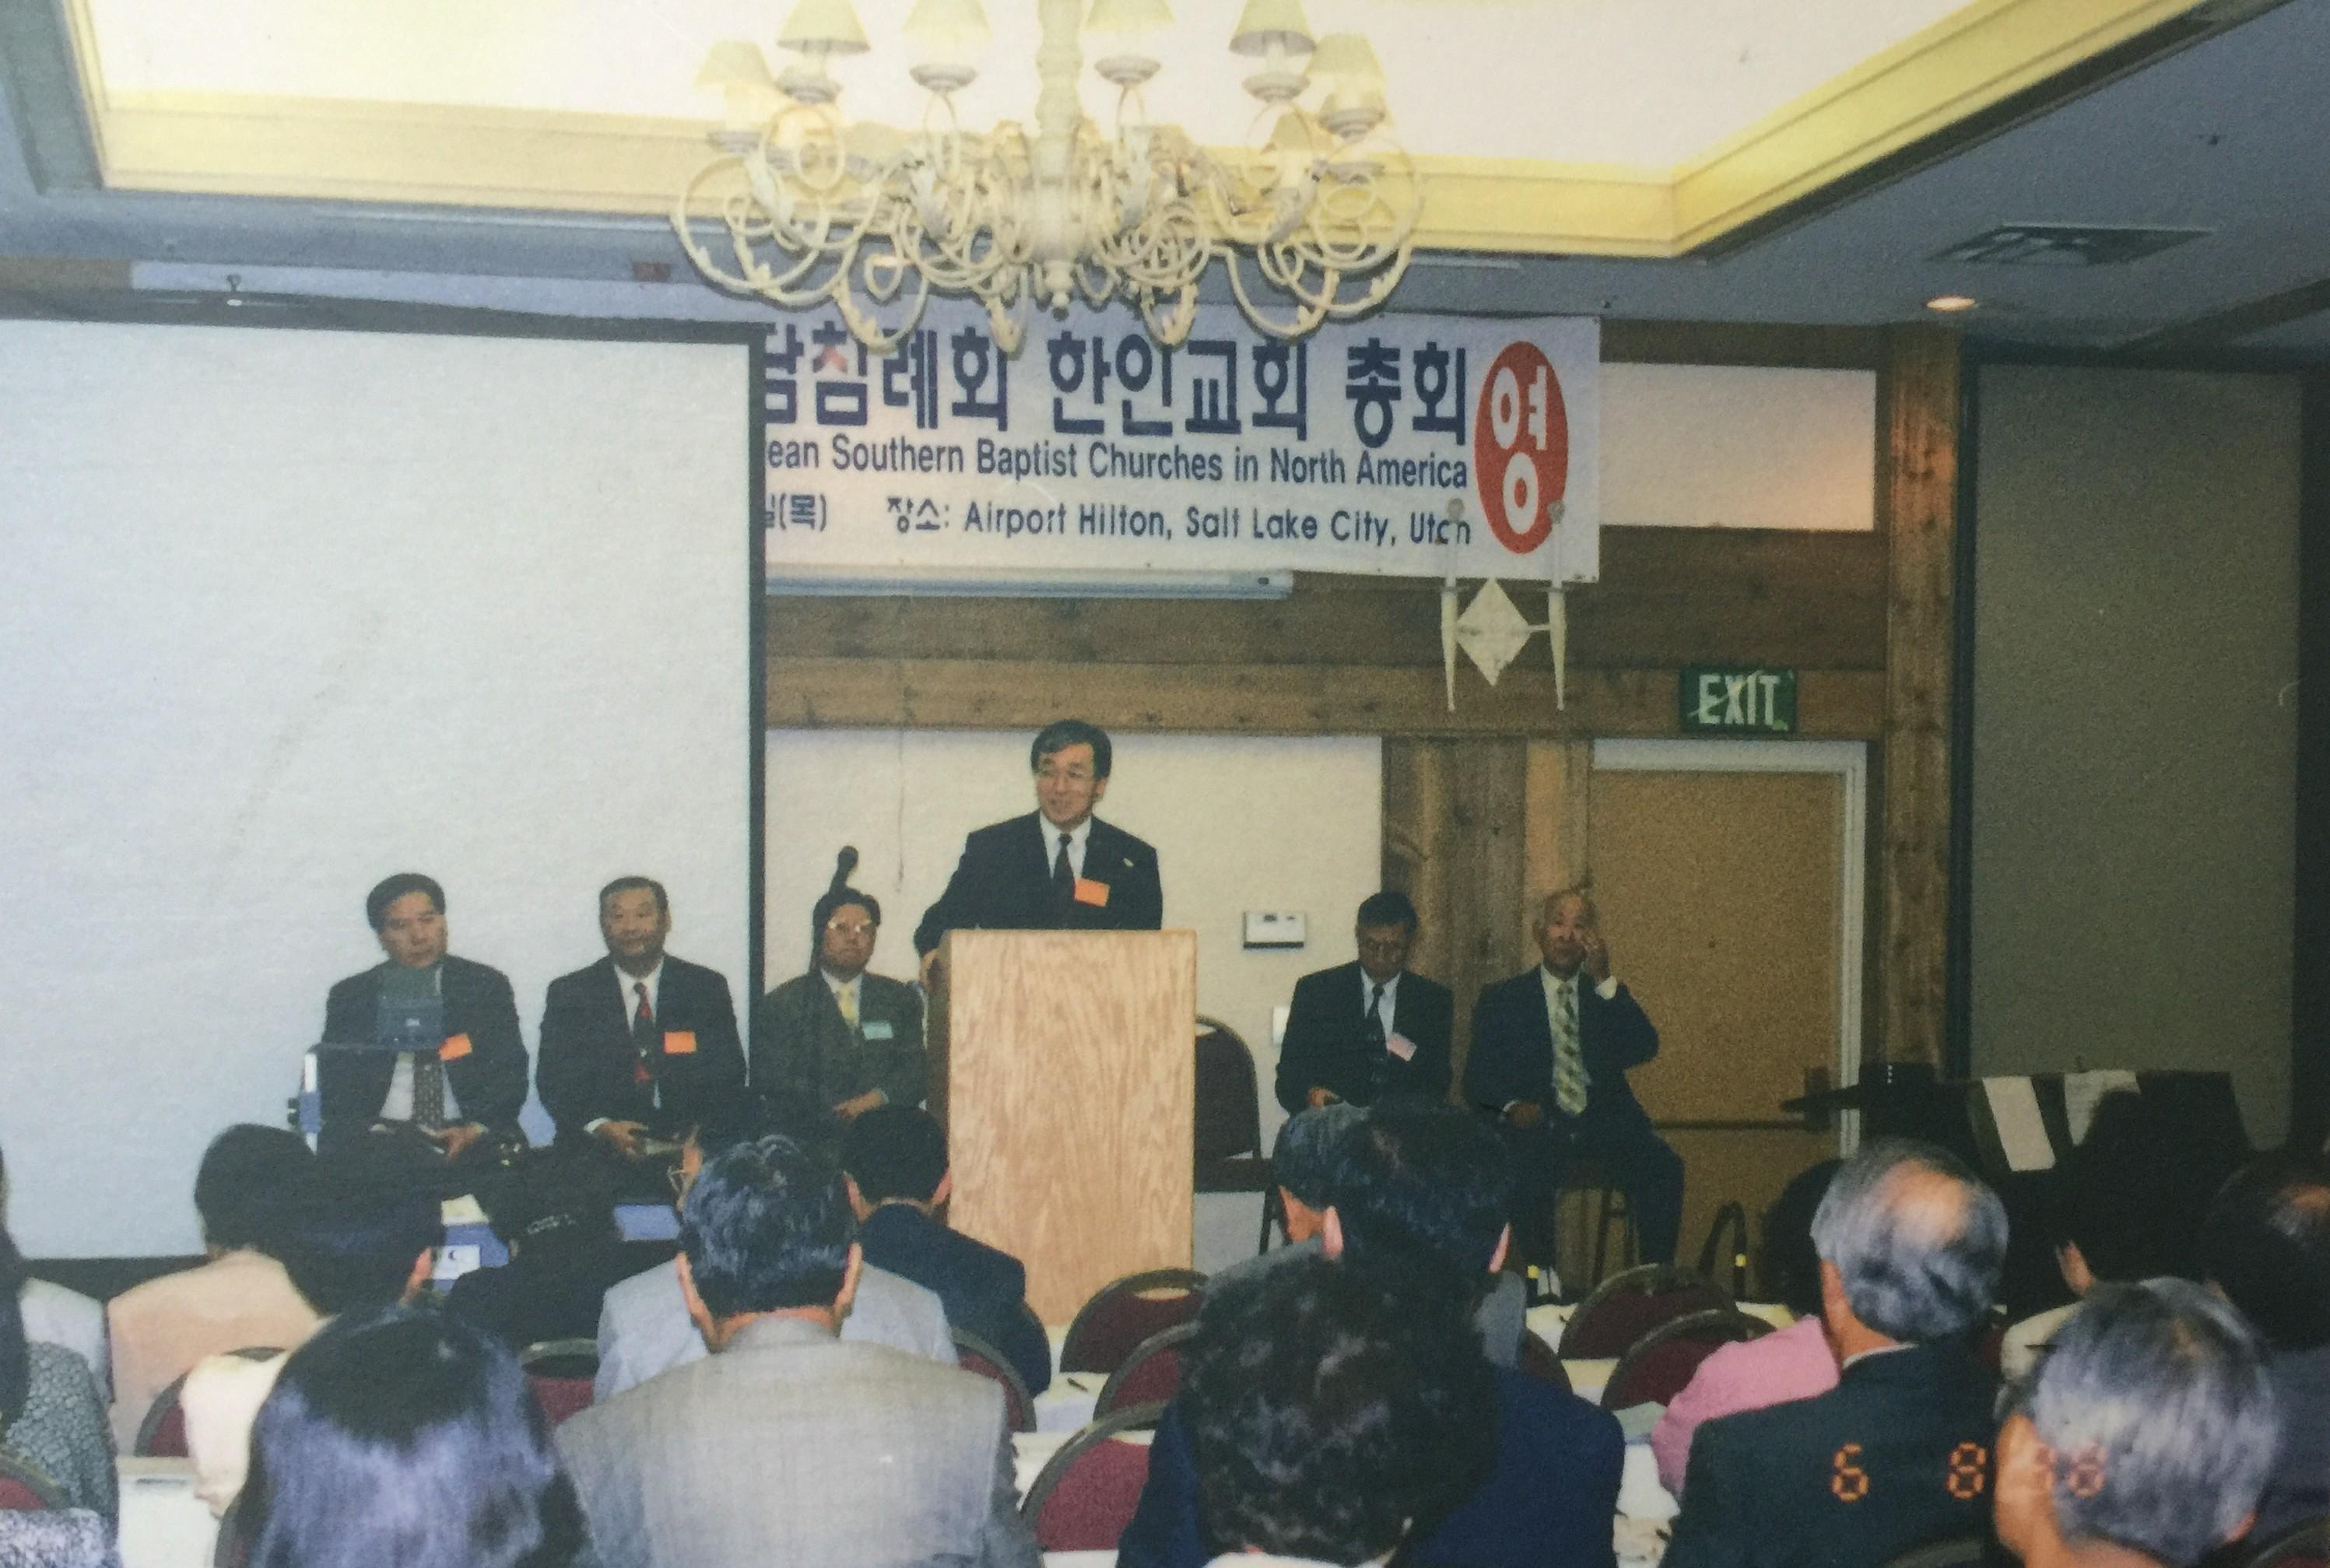 박성근 목사 SBC 북미 한인 침례교회 협의회 총회장 피택